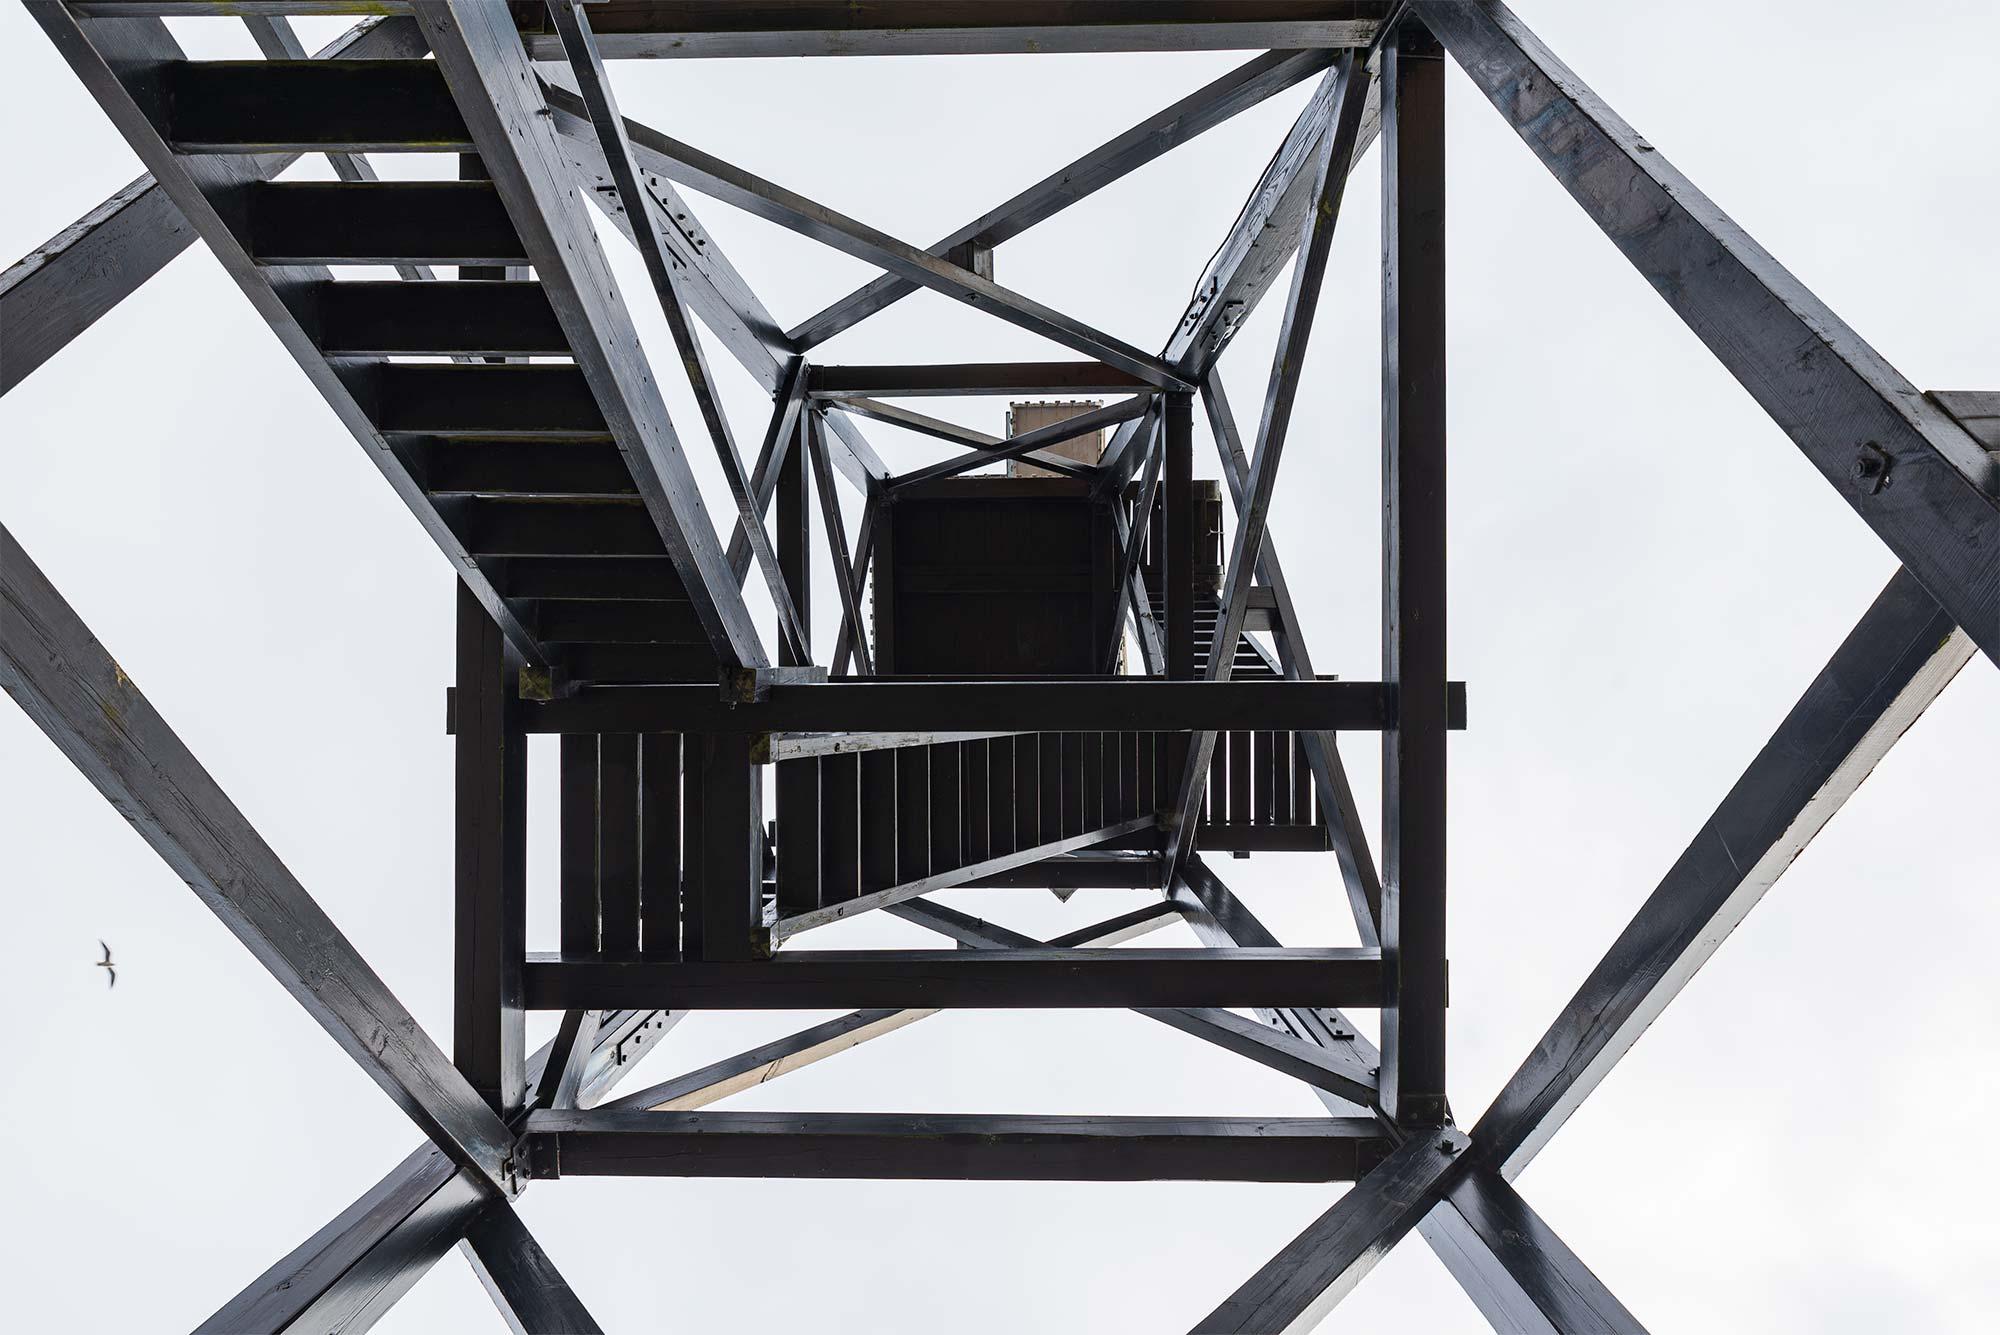 Efter fund af råd og svamp i lodstårnets konstruktion har man søgt om midler til renovering. Arkivfoto: Thomas Mose.